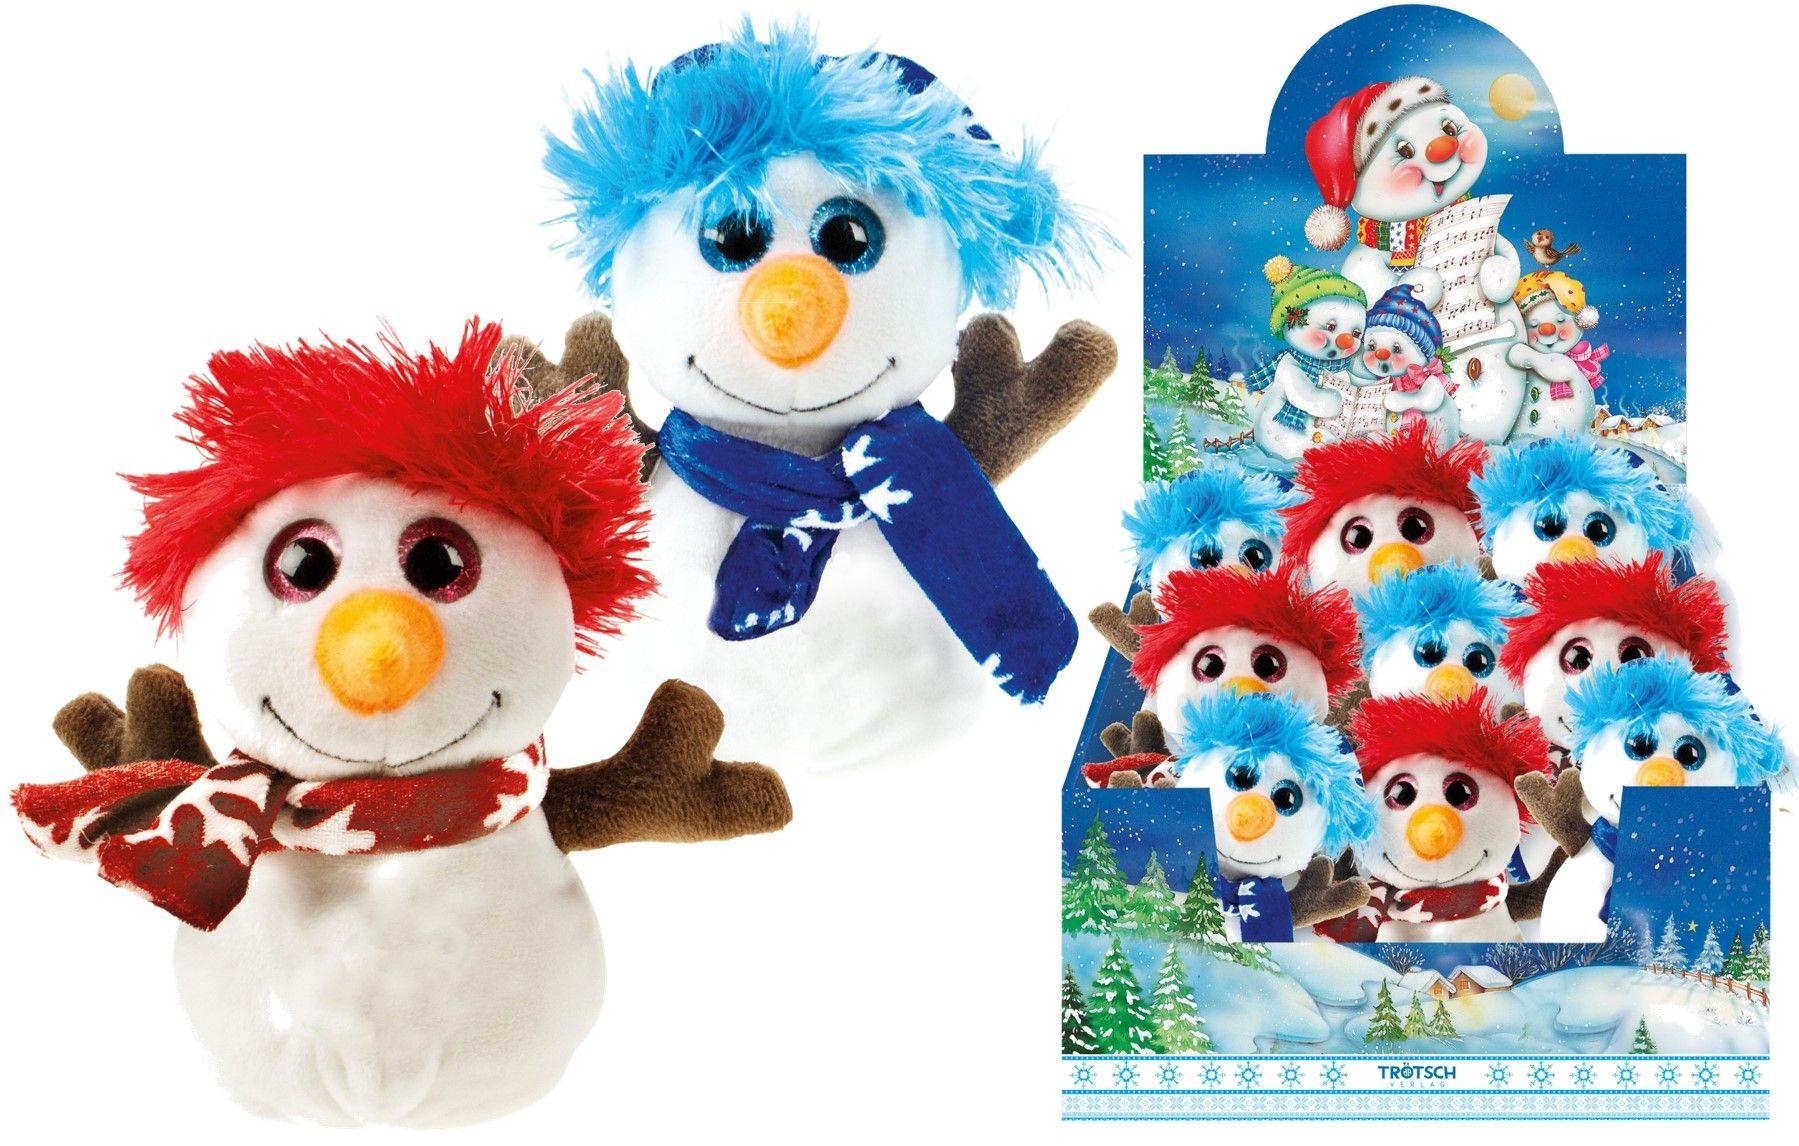 Kuscheltier Schneemann Weihnachten Glitzeraugen Plüschtier von : VE: